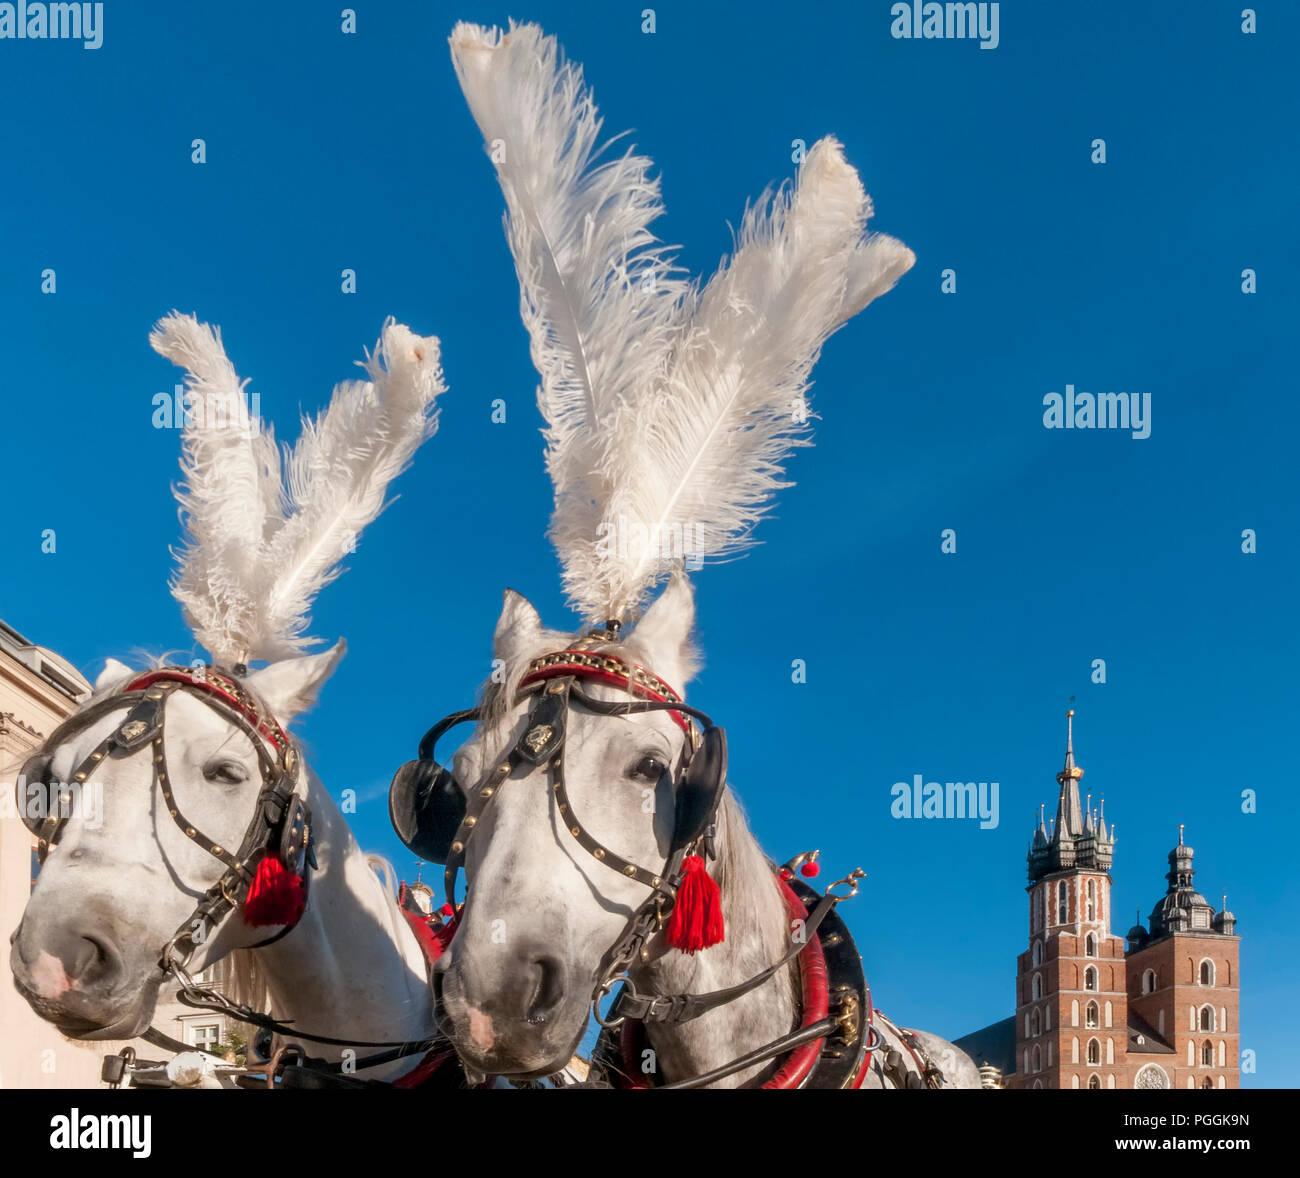 Paire de chevaux blancs avec la basilique Saint Mary's en arrière-plan dans le centre historique de Cracovie, Pologne sur une belle journée ensoleillée Photo Stock